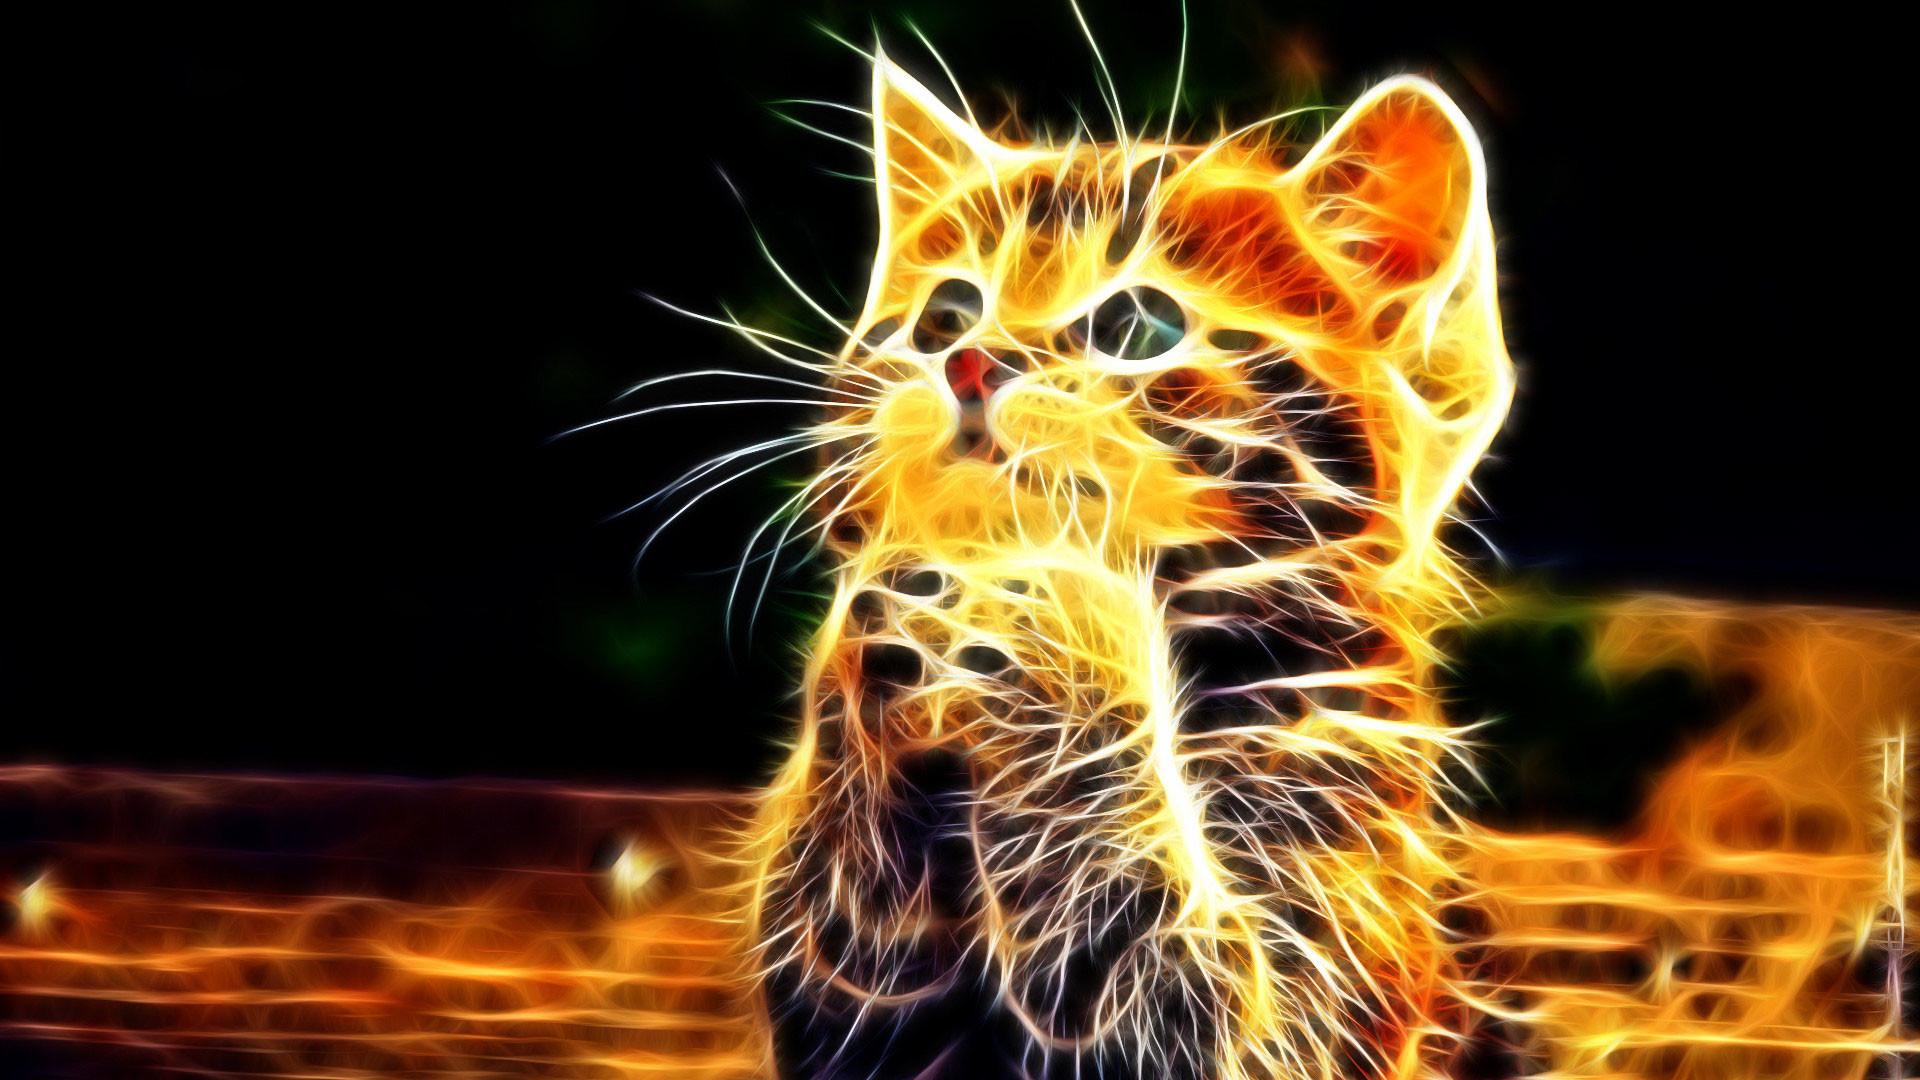 hd pics photos abstract 3d little cat n fire wallpaper